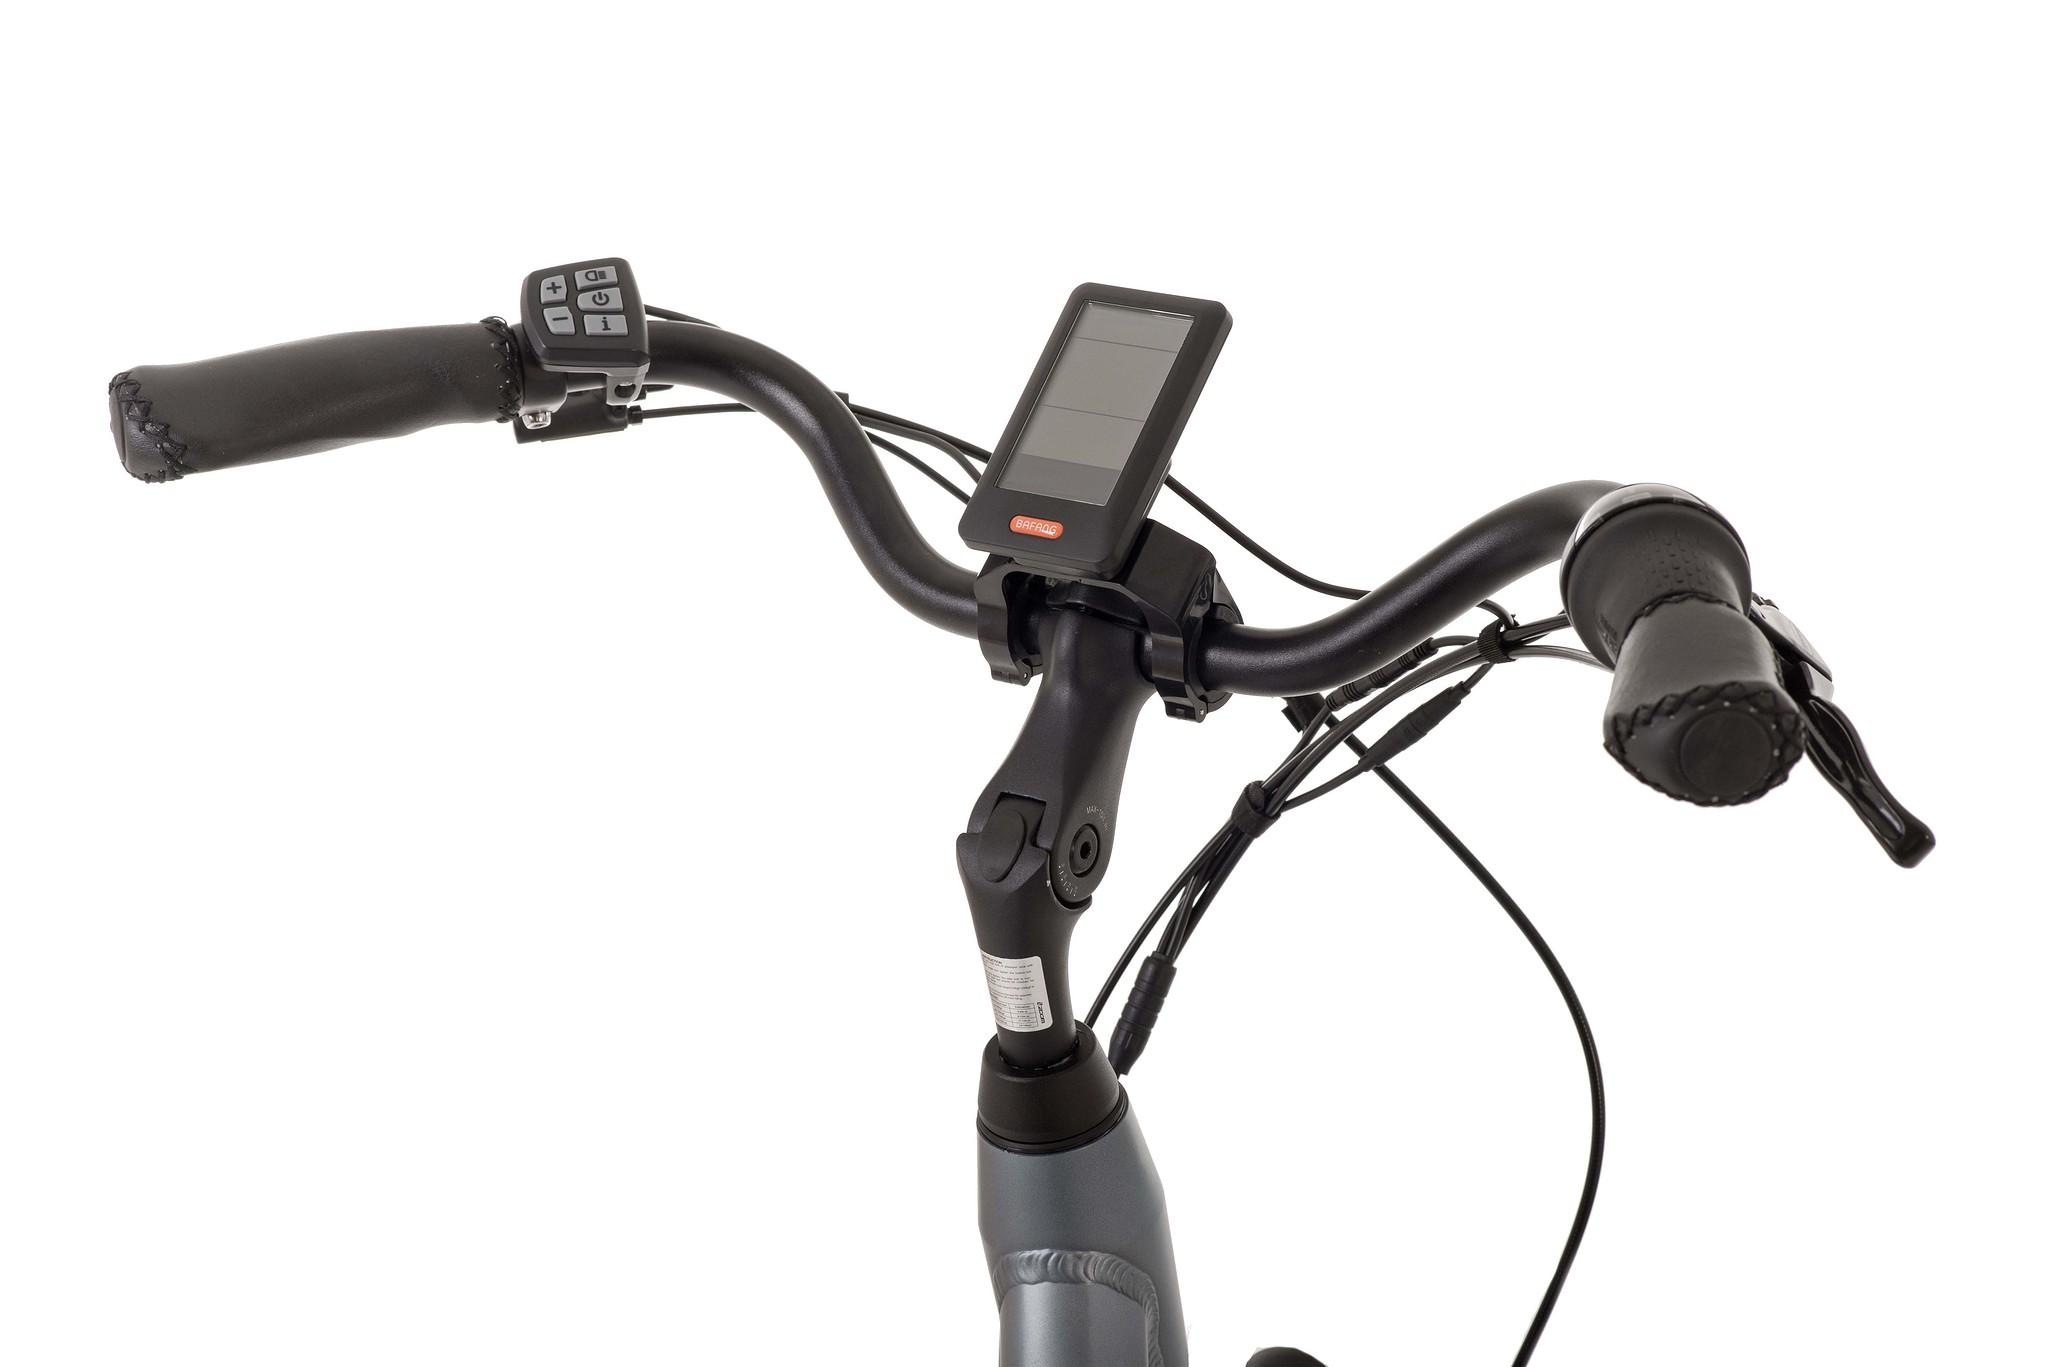 Bimas Elektrische fiets E-City 7.1 dames cool grijs 57cm 450 Watt Grijs